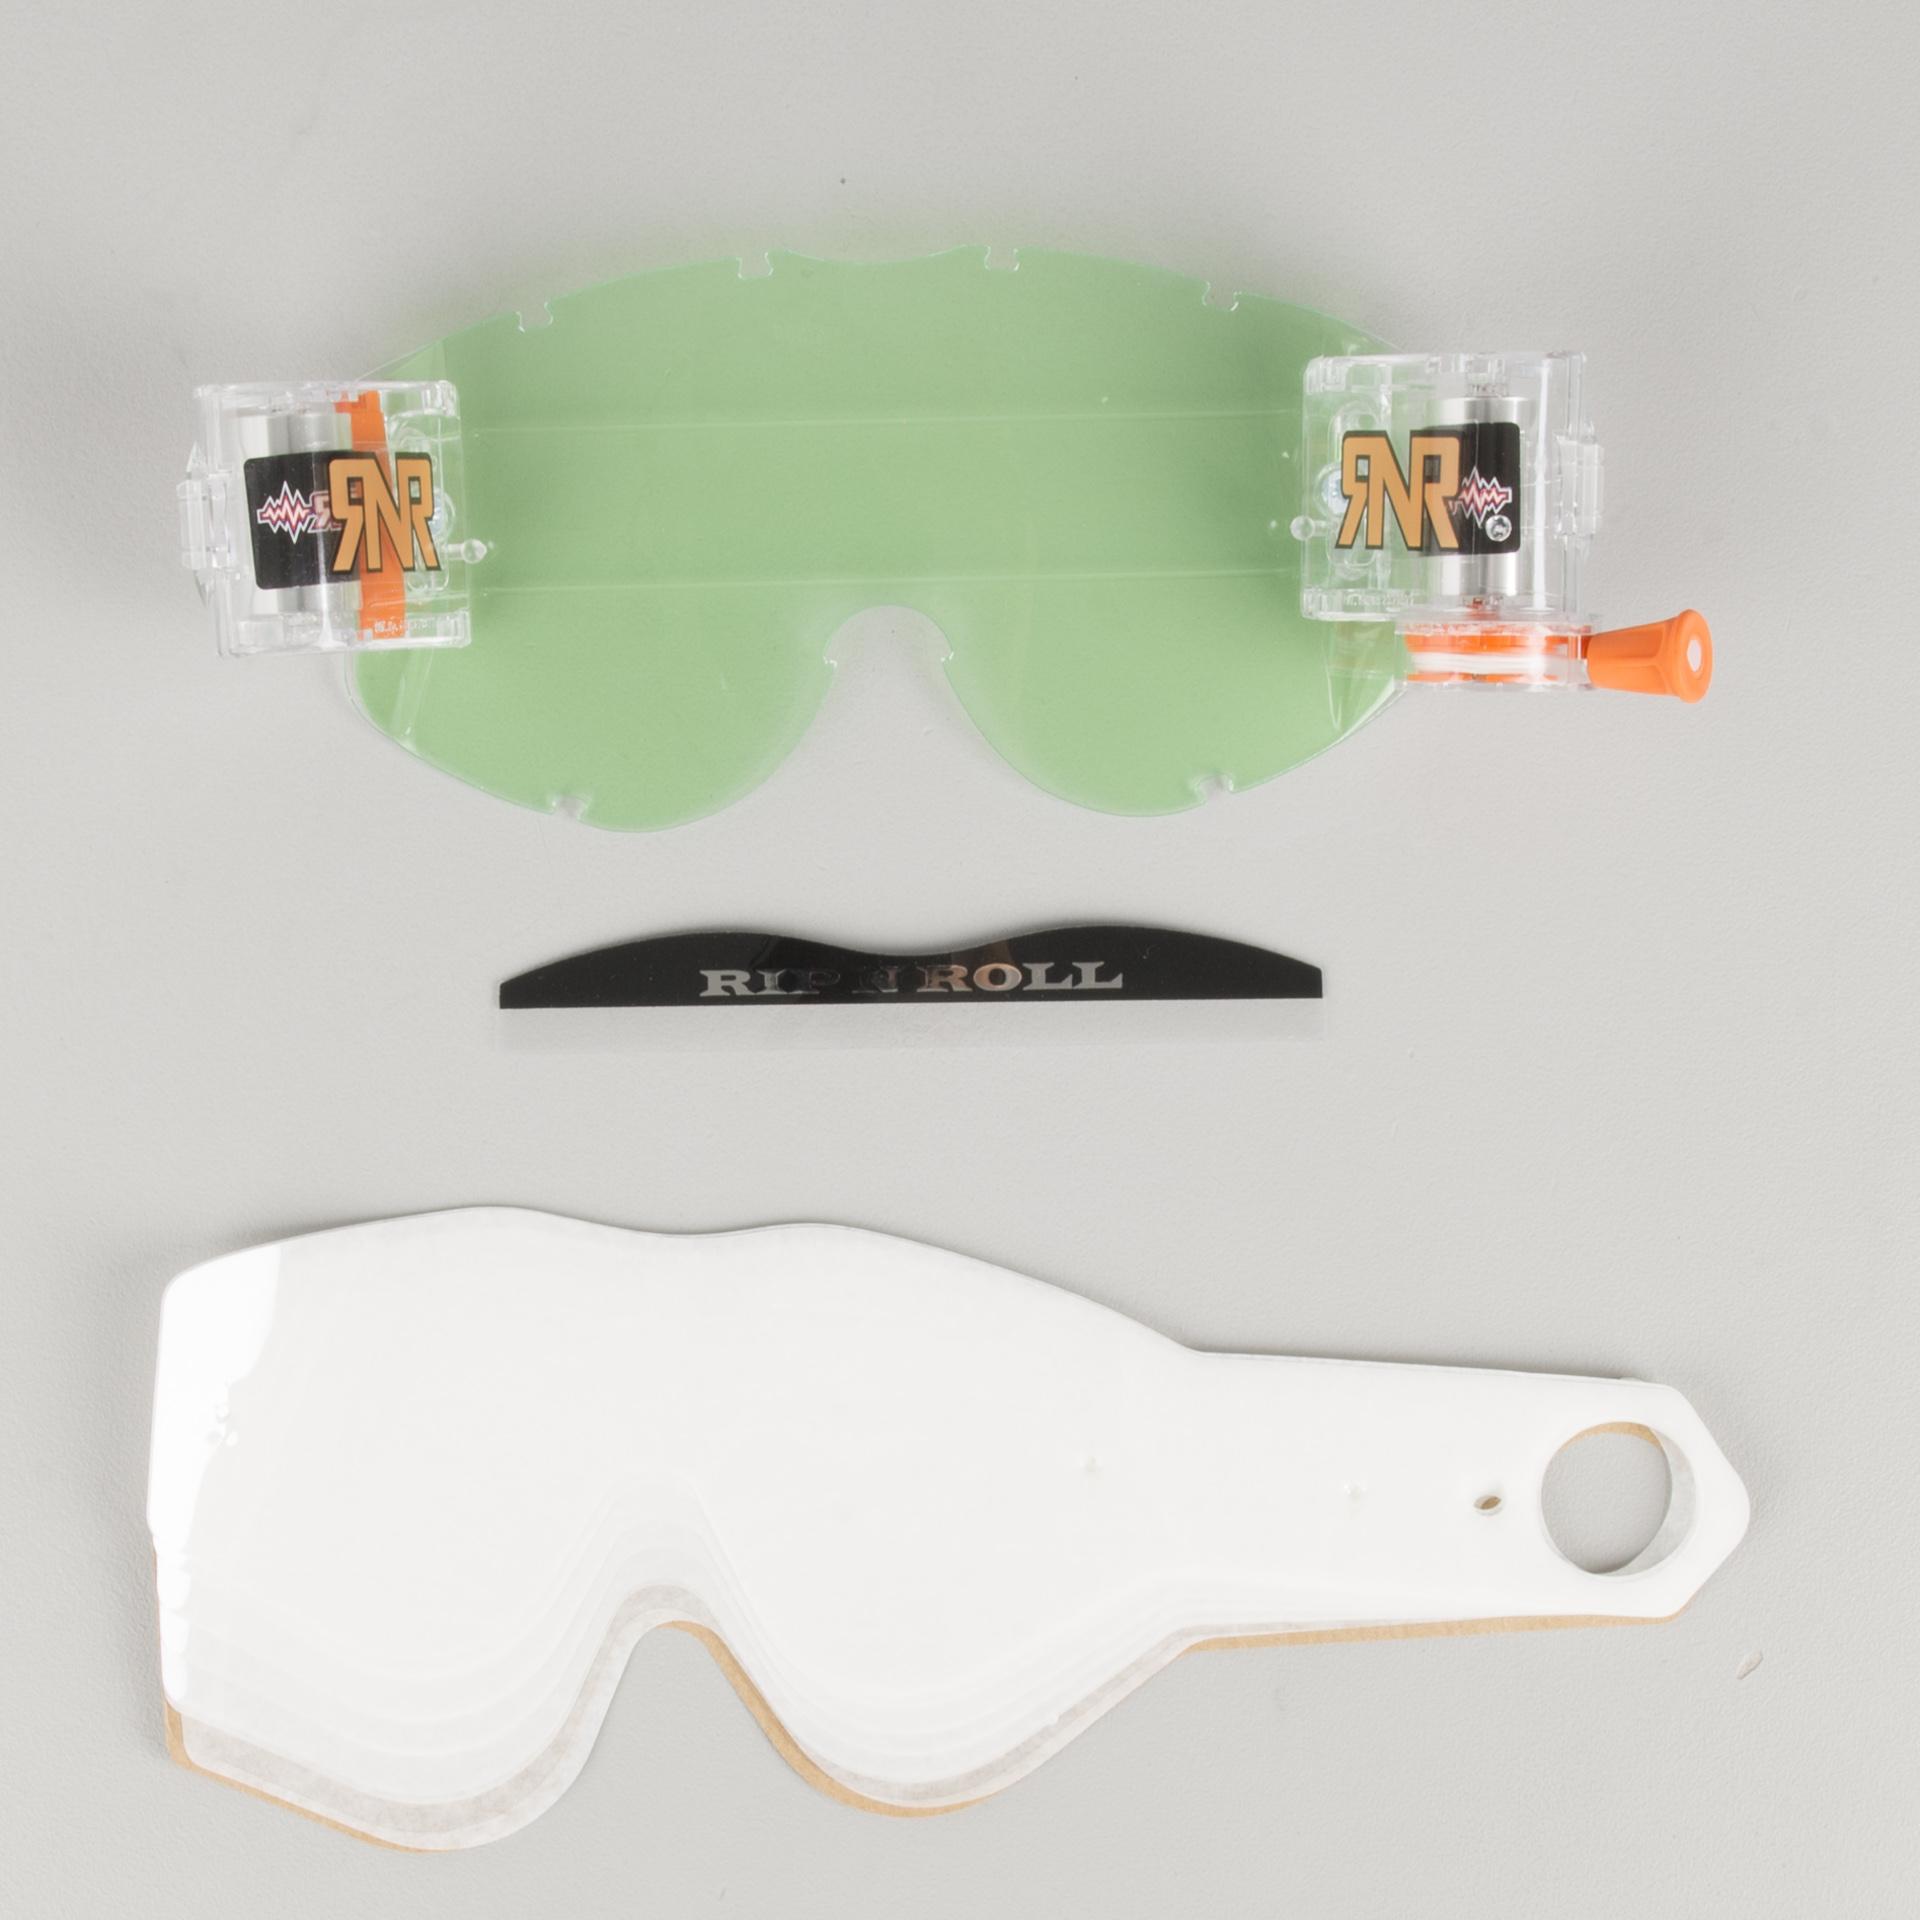 Progrip Tear Offs 10PK Tearoffs Fit all Progrip goggles